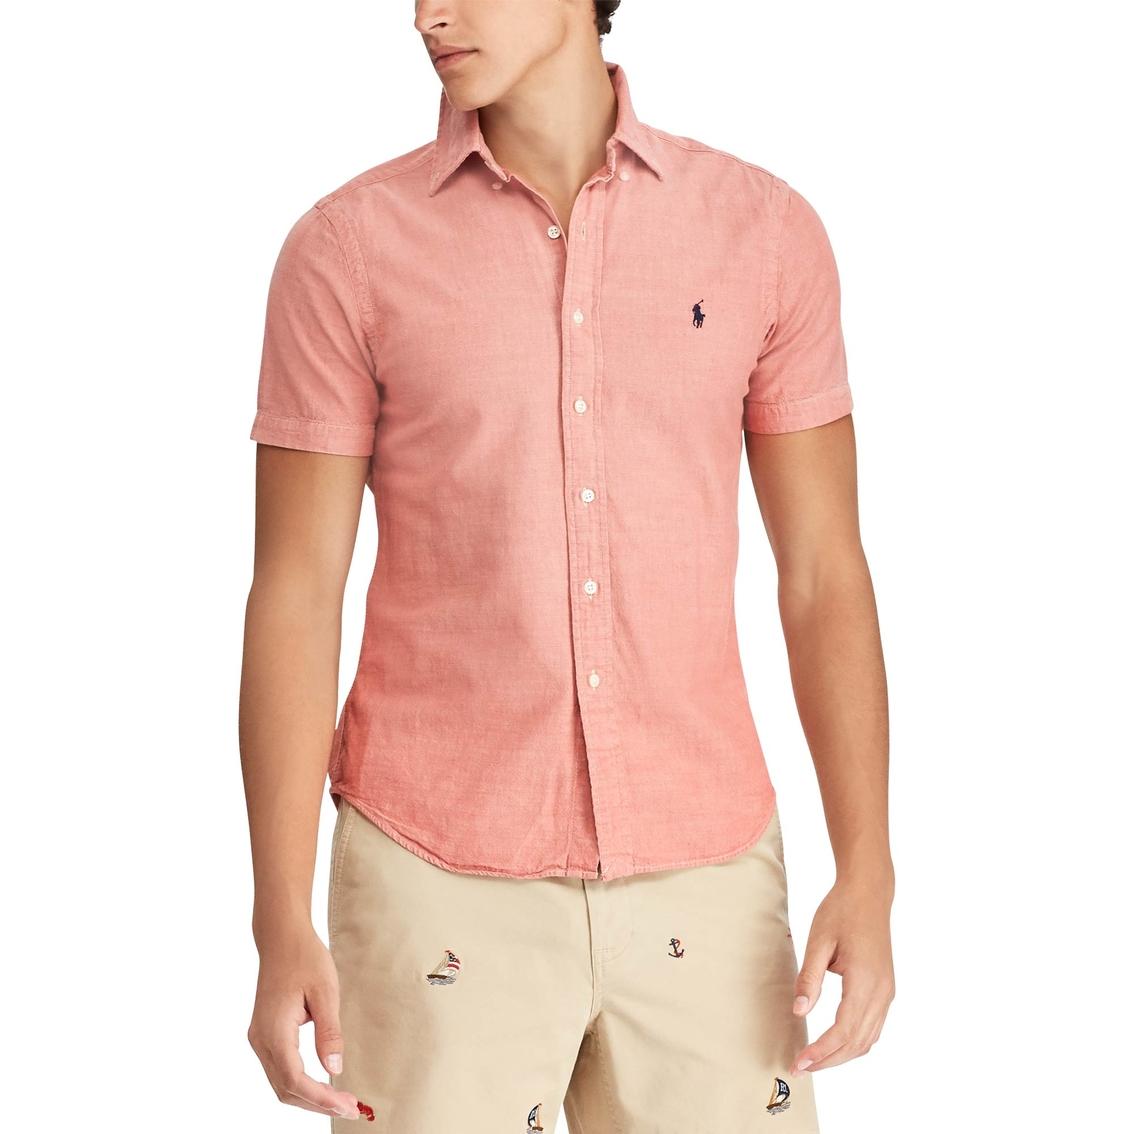 6ece77d2 Polo Ralph Lauren Classic Fit Chambray Shirt | Polo Ralph Lauren ...